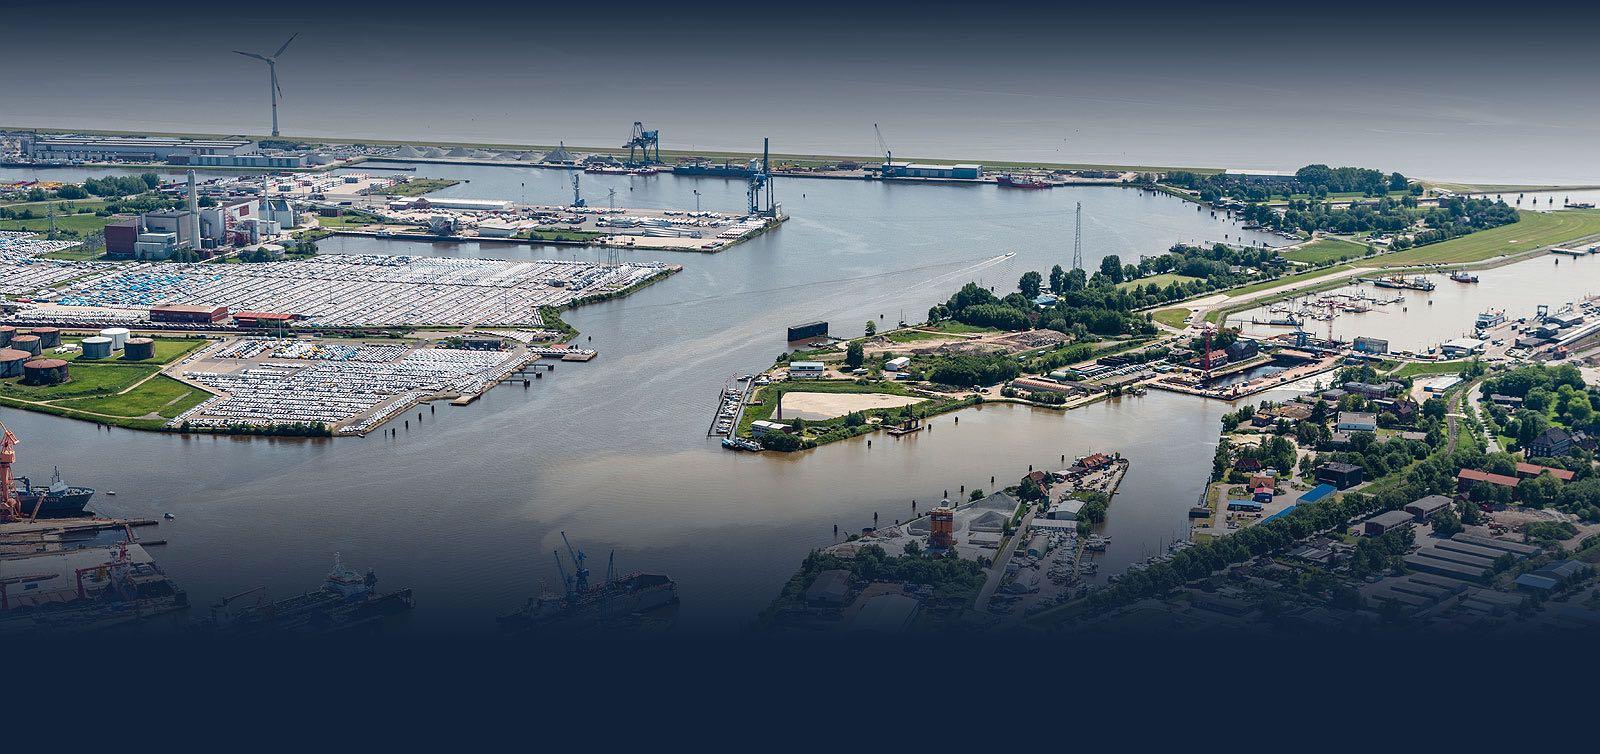 Seaport Emden